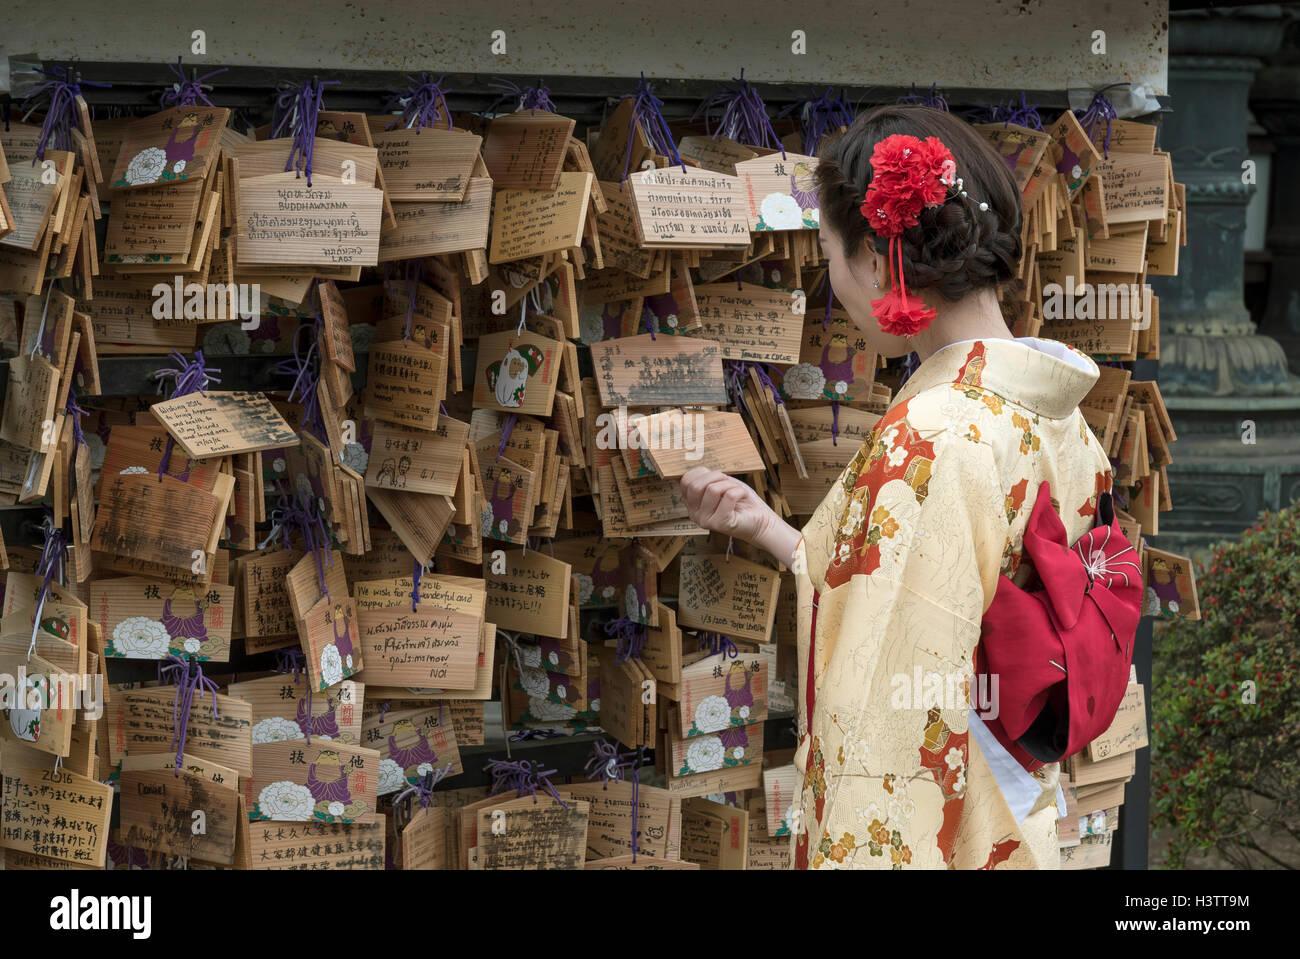 Femme vêtue de kimono traditionnel ressemble à l'Ema souhaitent des plaques lors d'Ueno Toshogu, Photo Stock